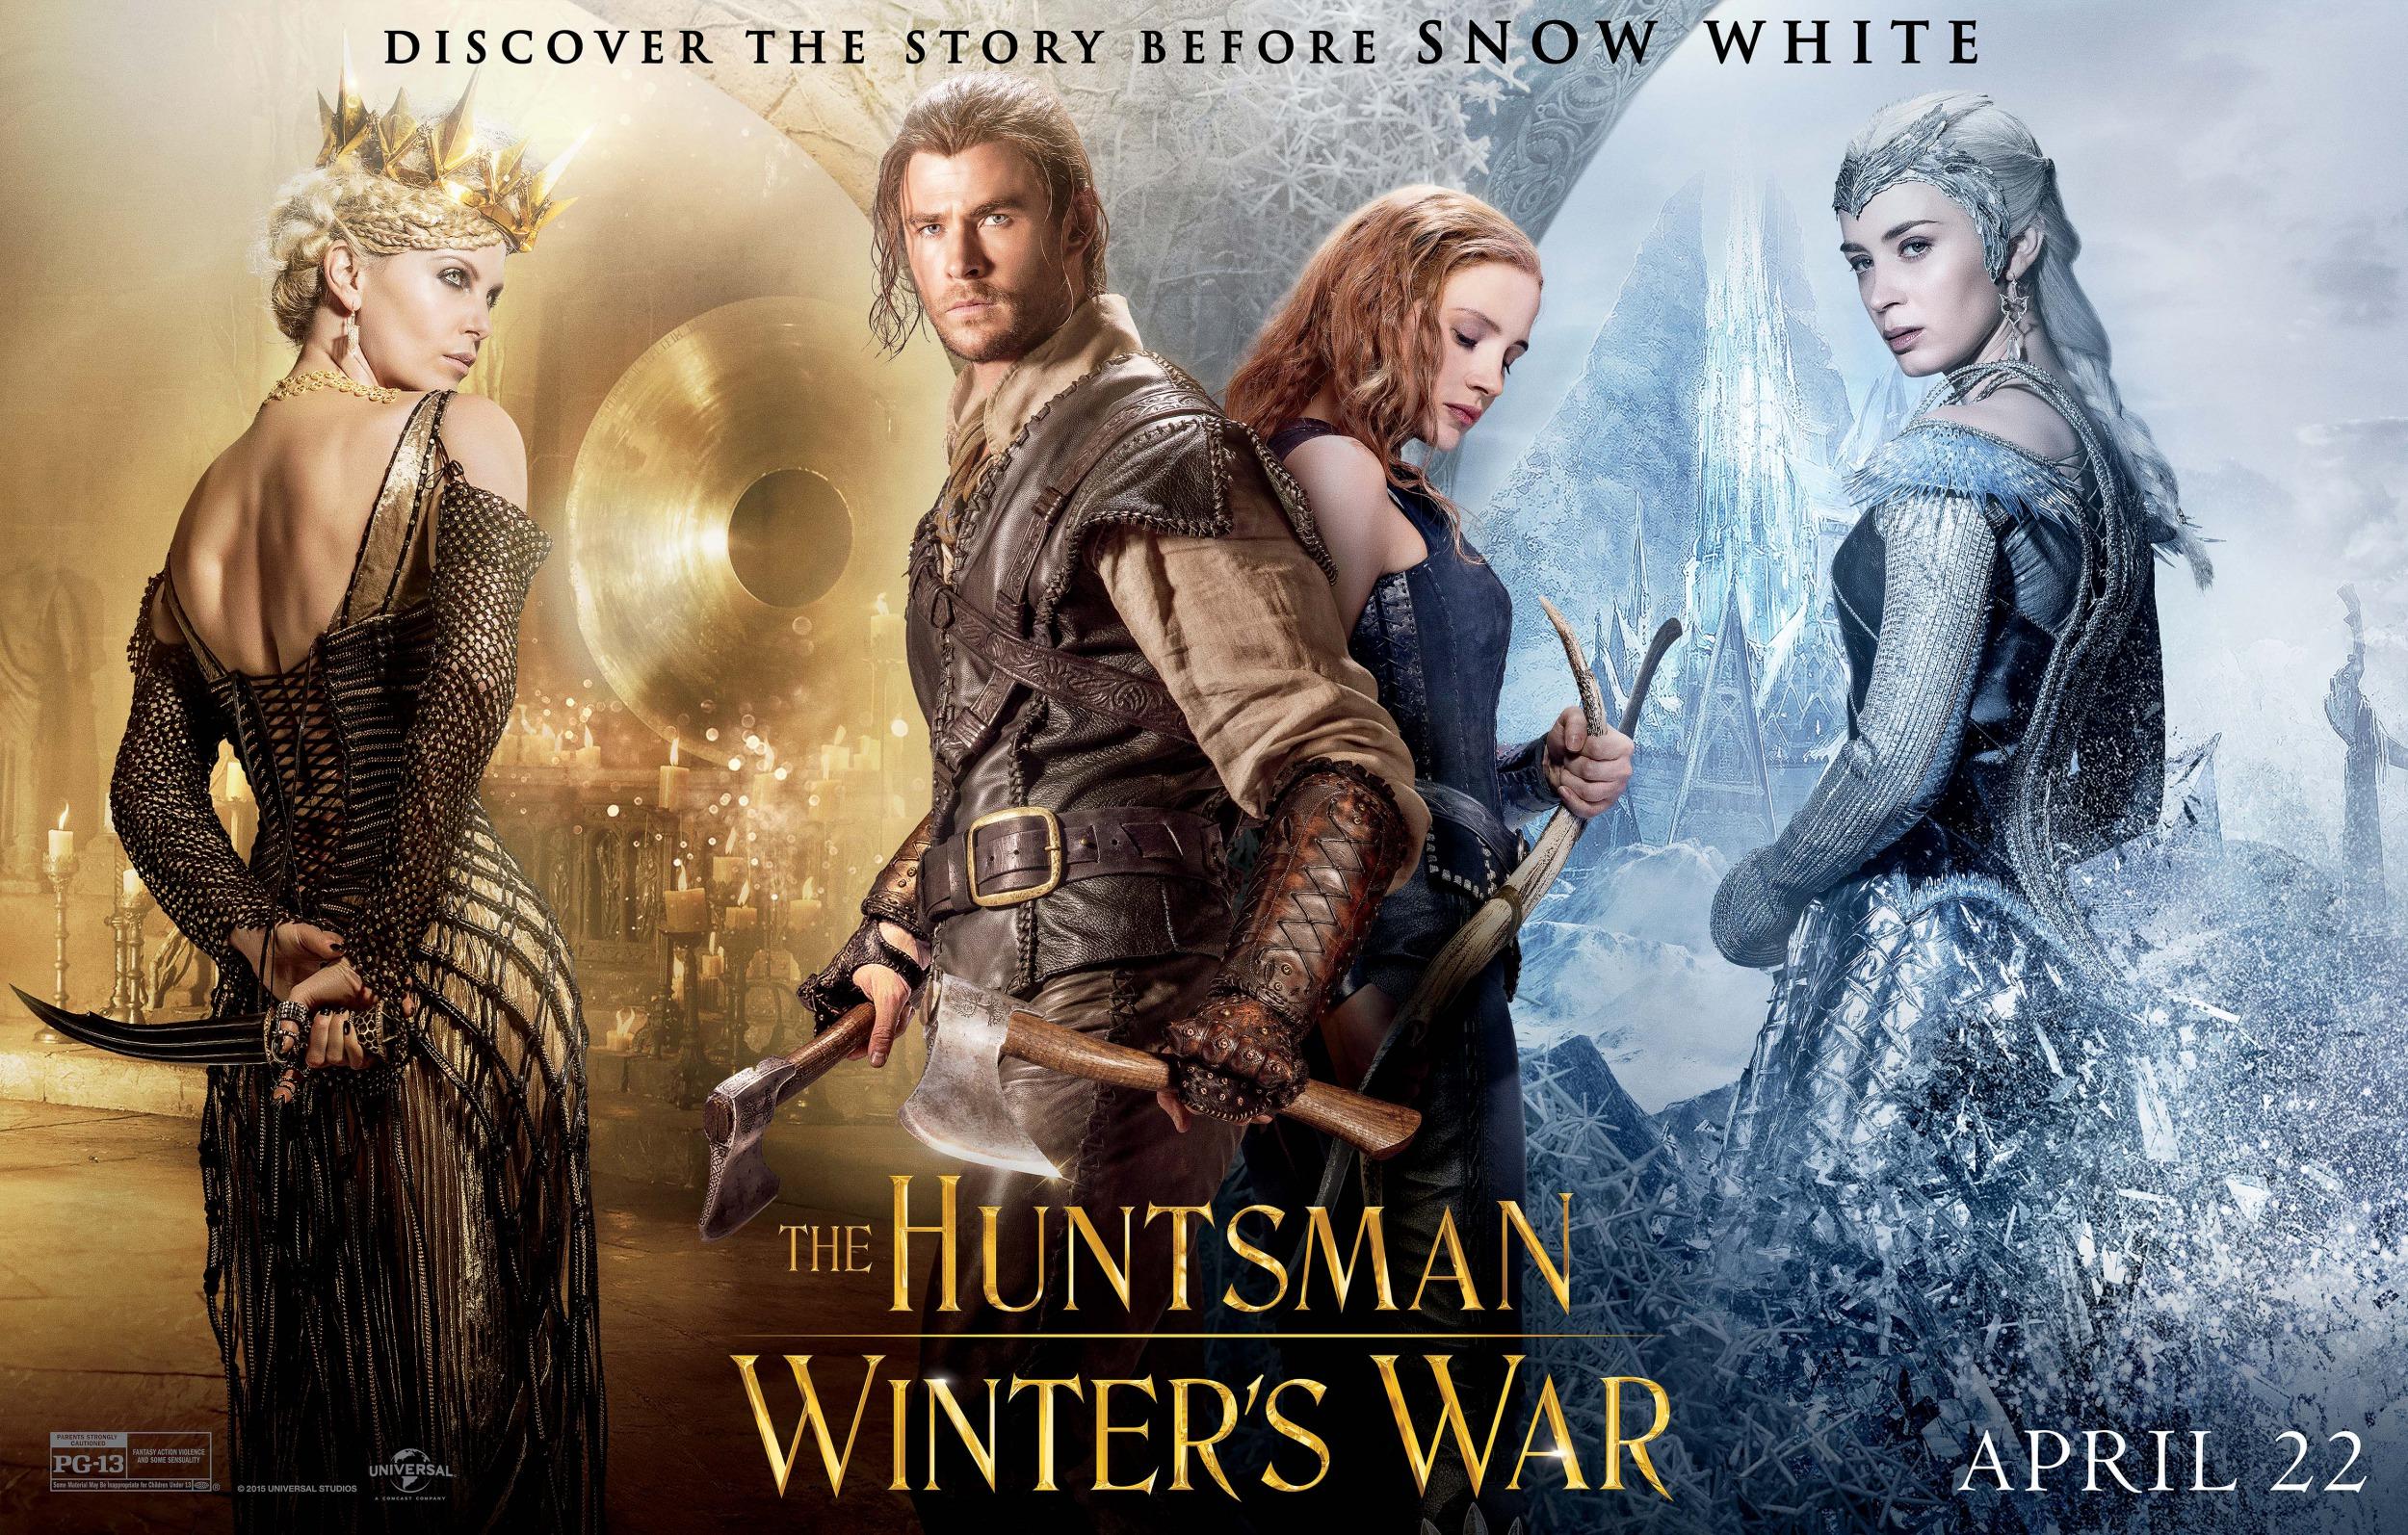 فیلم The Huntsman: Winter's War؛ از افتضاحات